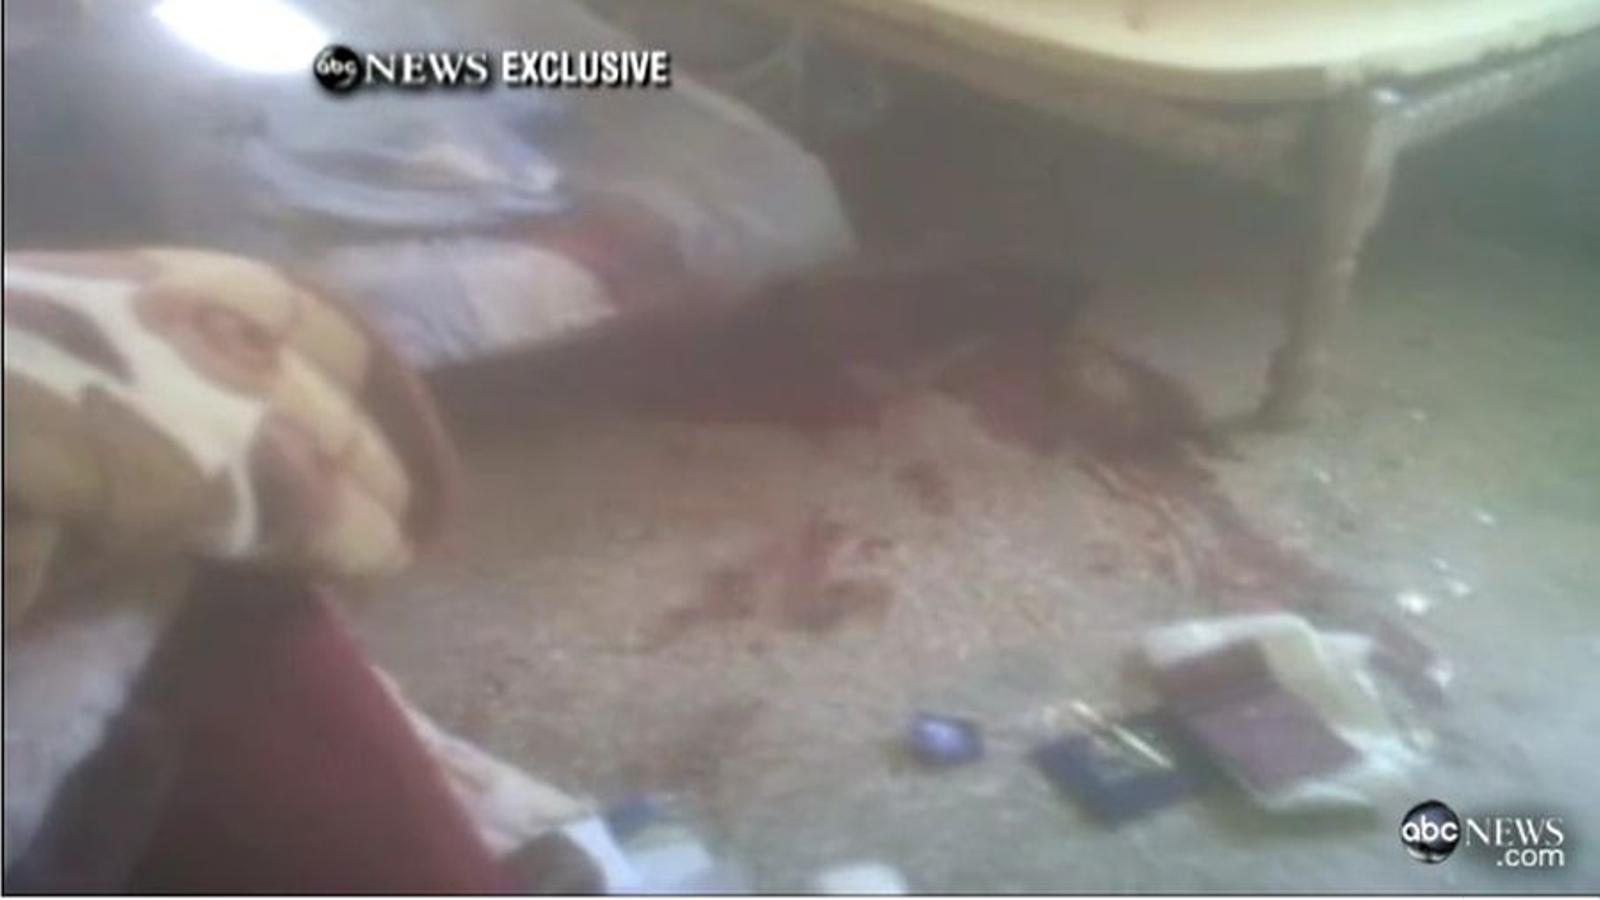 Imatges de l'interior de la residència de Bin Laden, després de l'operació nord-americana